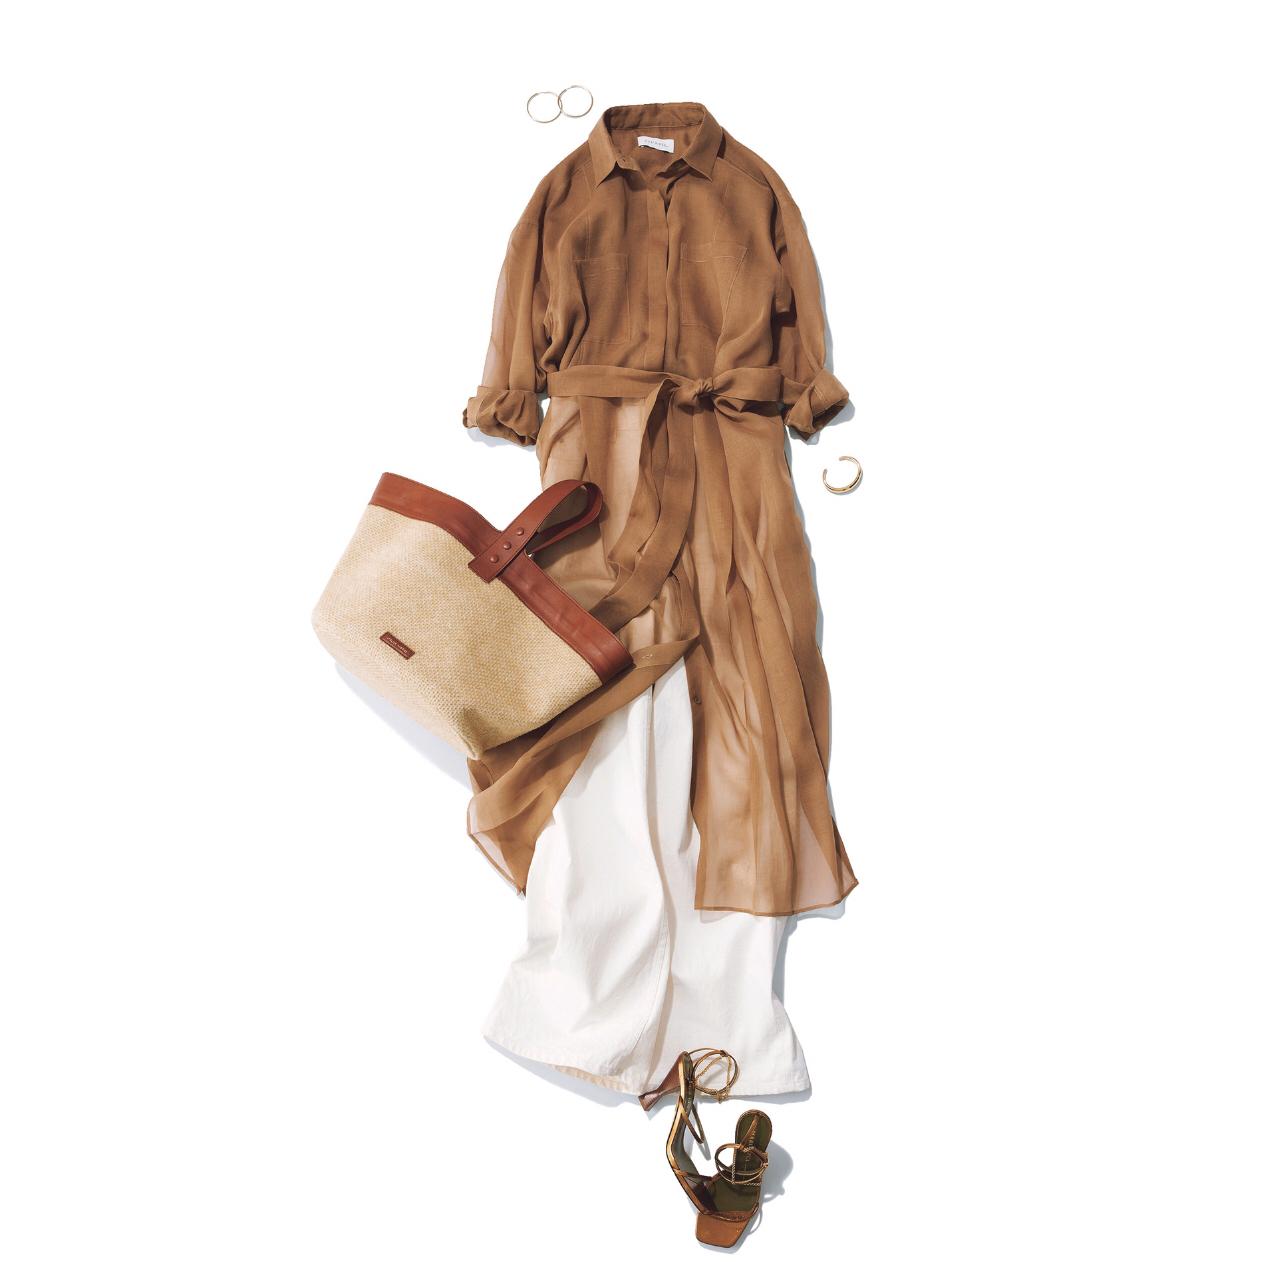 【2021トレンドシャツワンピースまとめ】アラフォーに似合う、今どきなシャツワンピのコーデ |40代ファッション_1_8